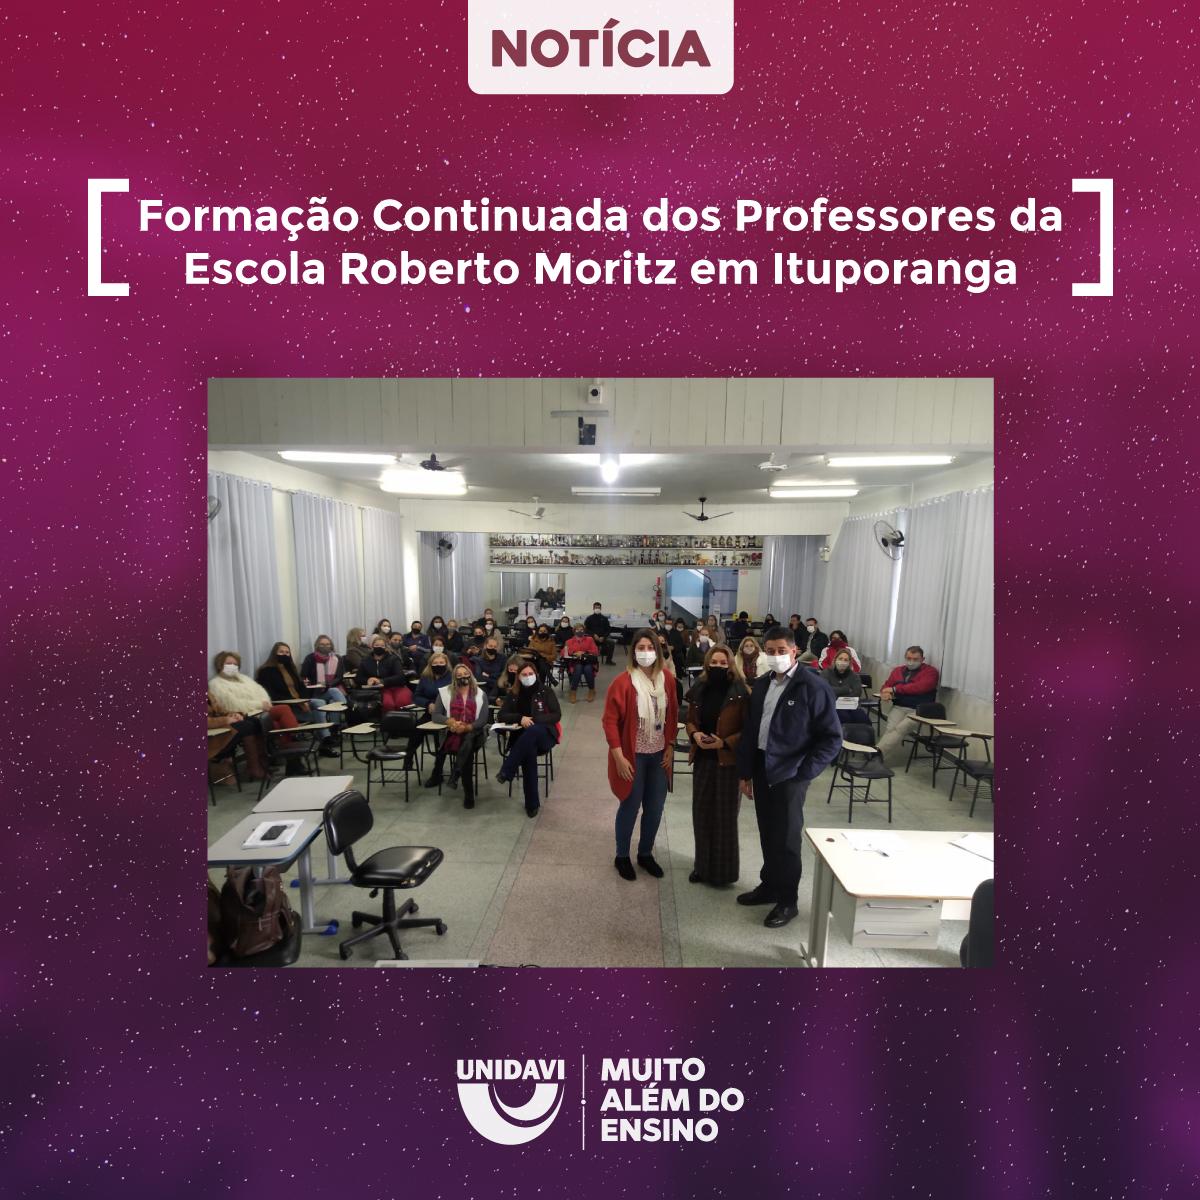 Unidavi esteve presente na Formação Continuada dos Professores da Escola Roberto Moritz em Ituporanga